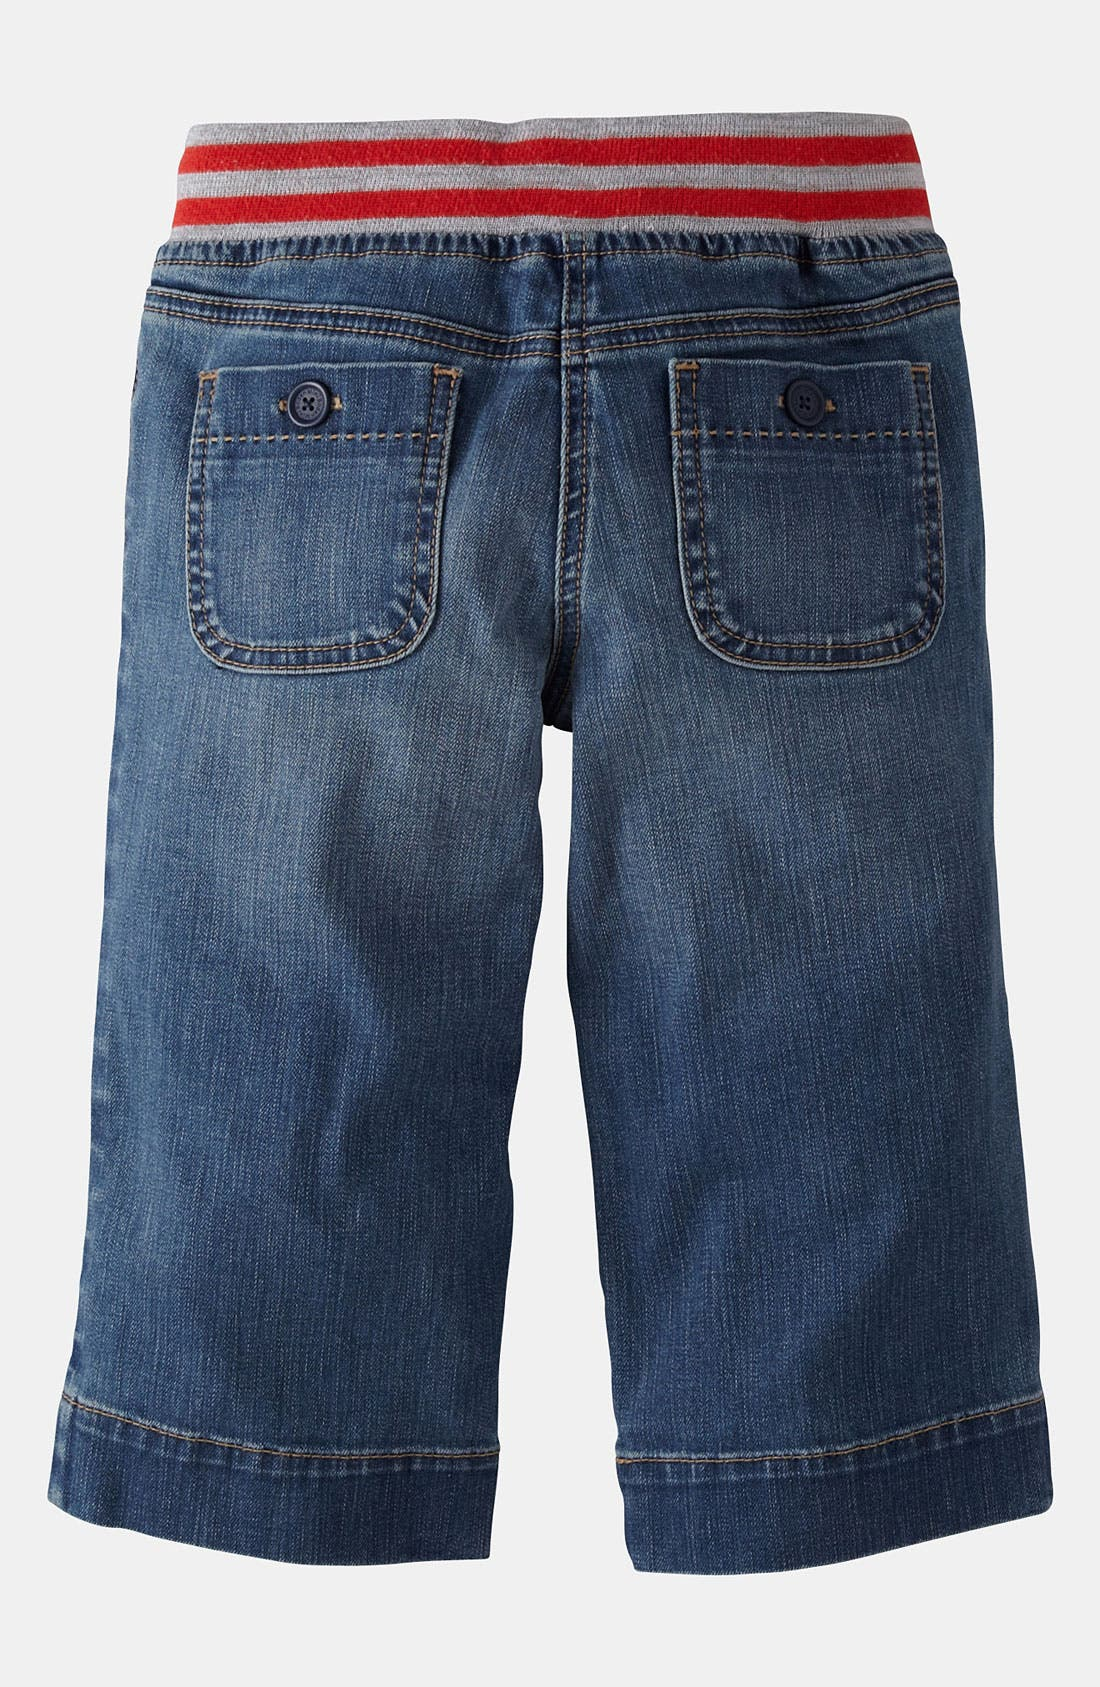 Alternate Image 2  - Mini Boden 'Sailor' Capri Pants (Little Girls & Big Girls)